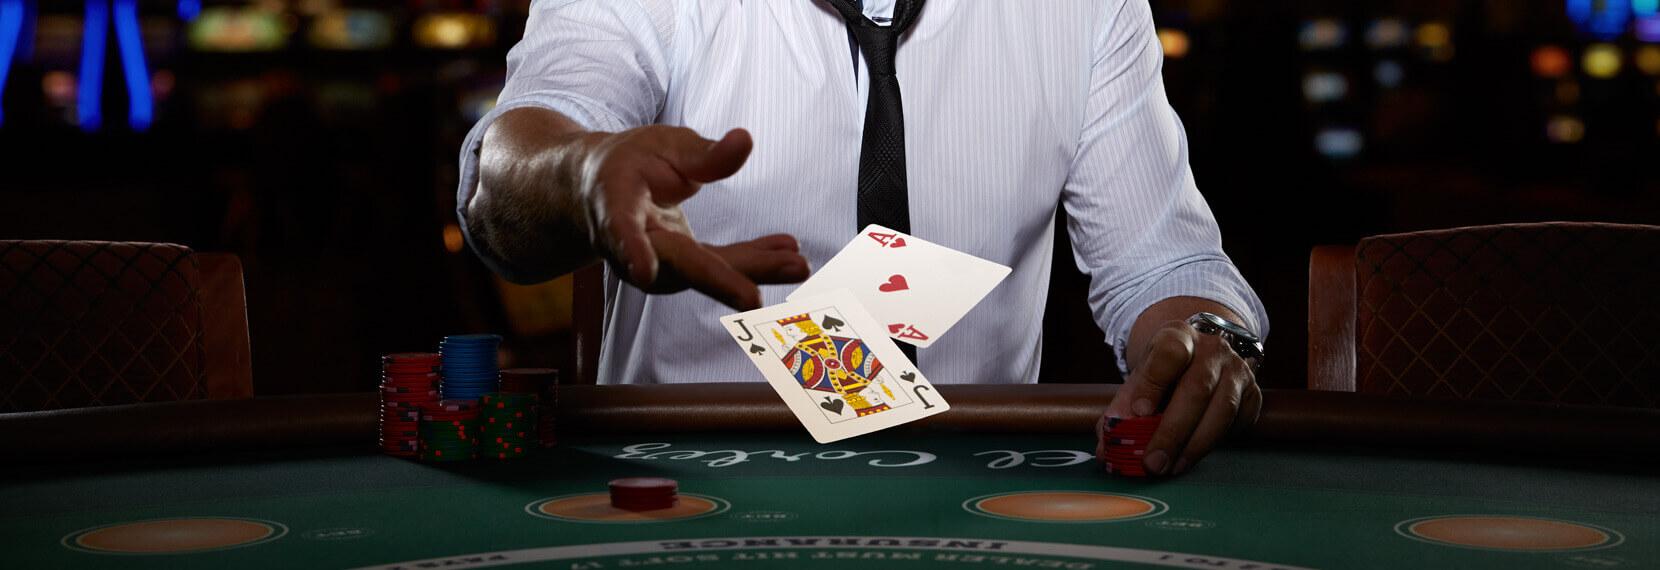 Blackjack : trouver la bonne stratégie de jeu